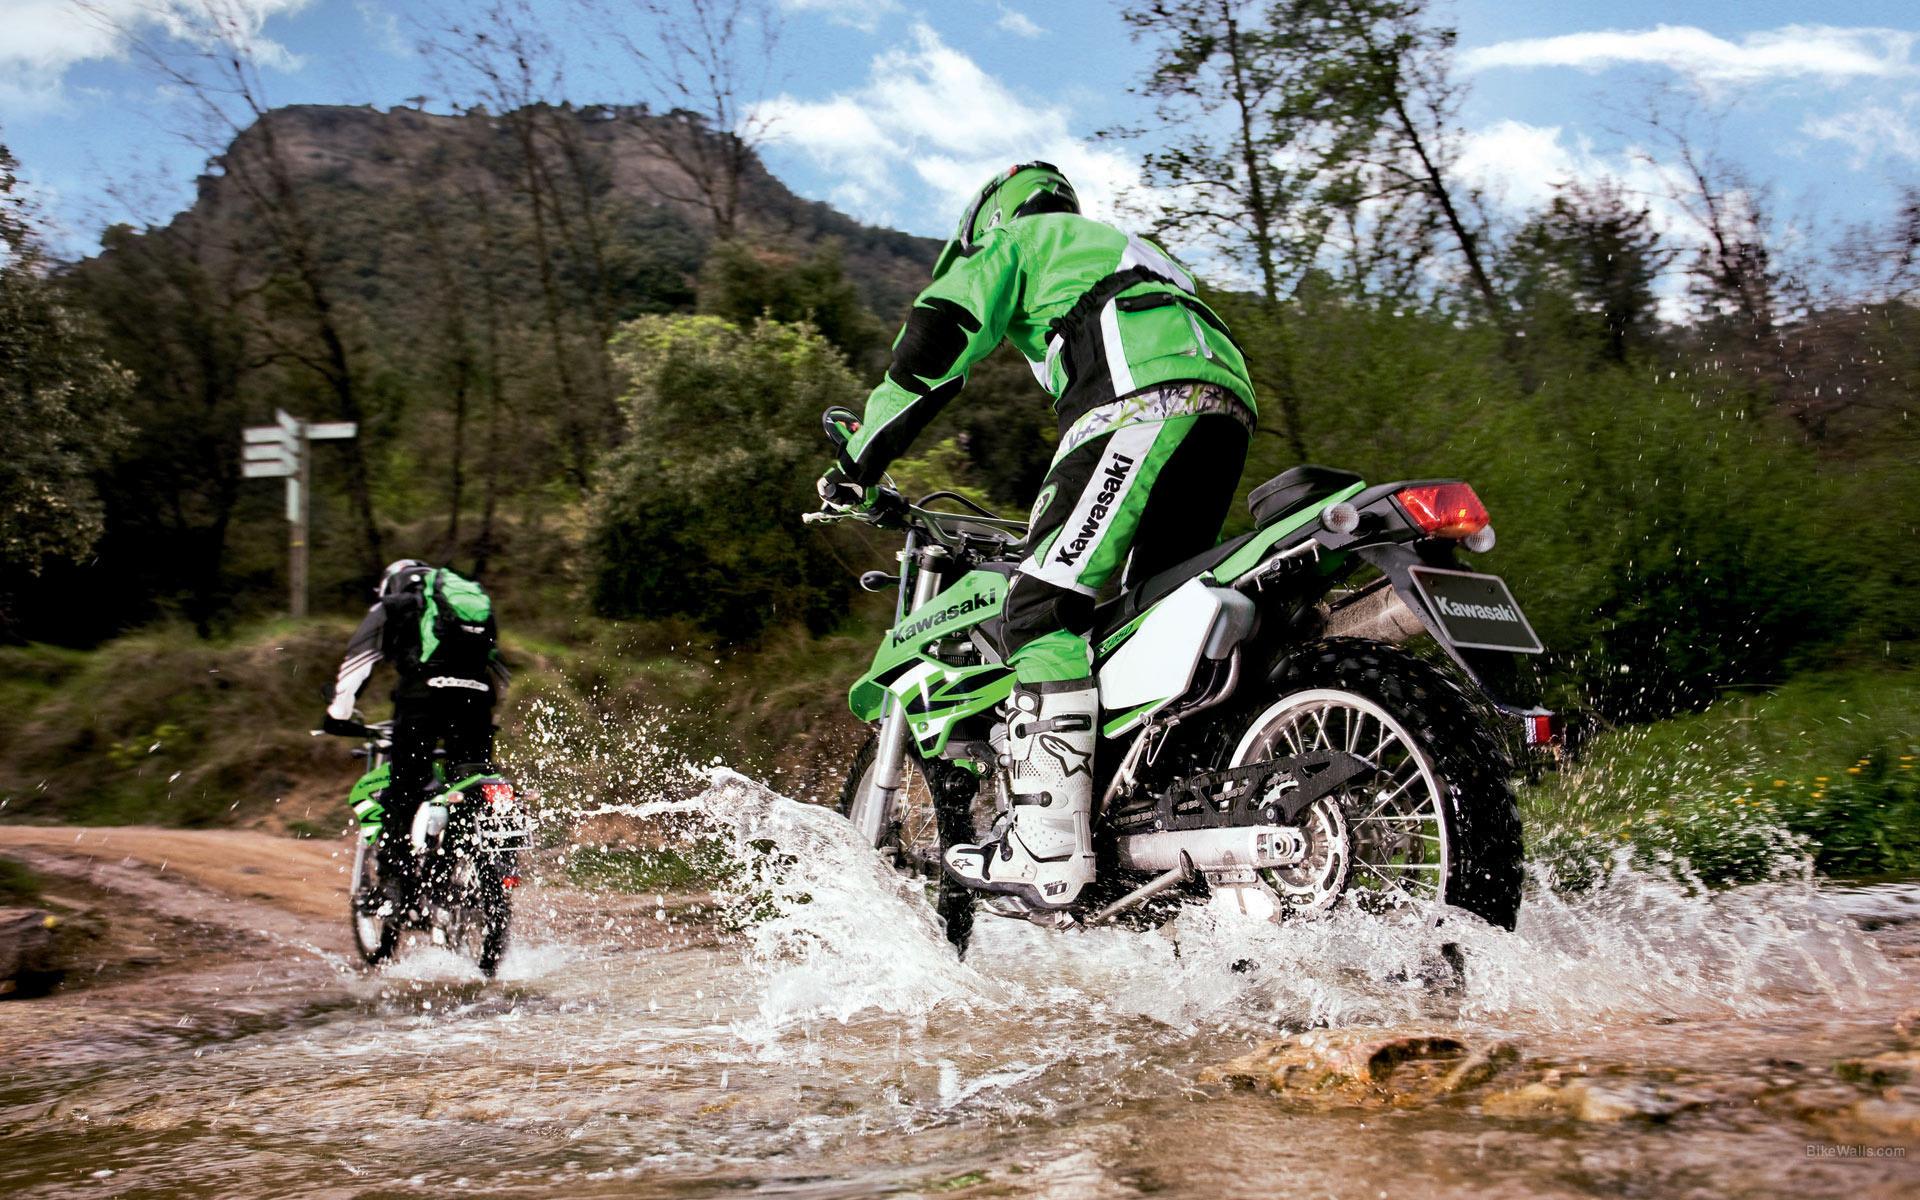 мотоцикл, мотоциклист, дорога